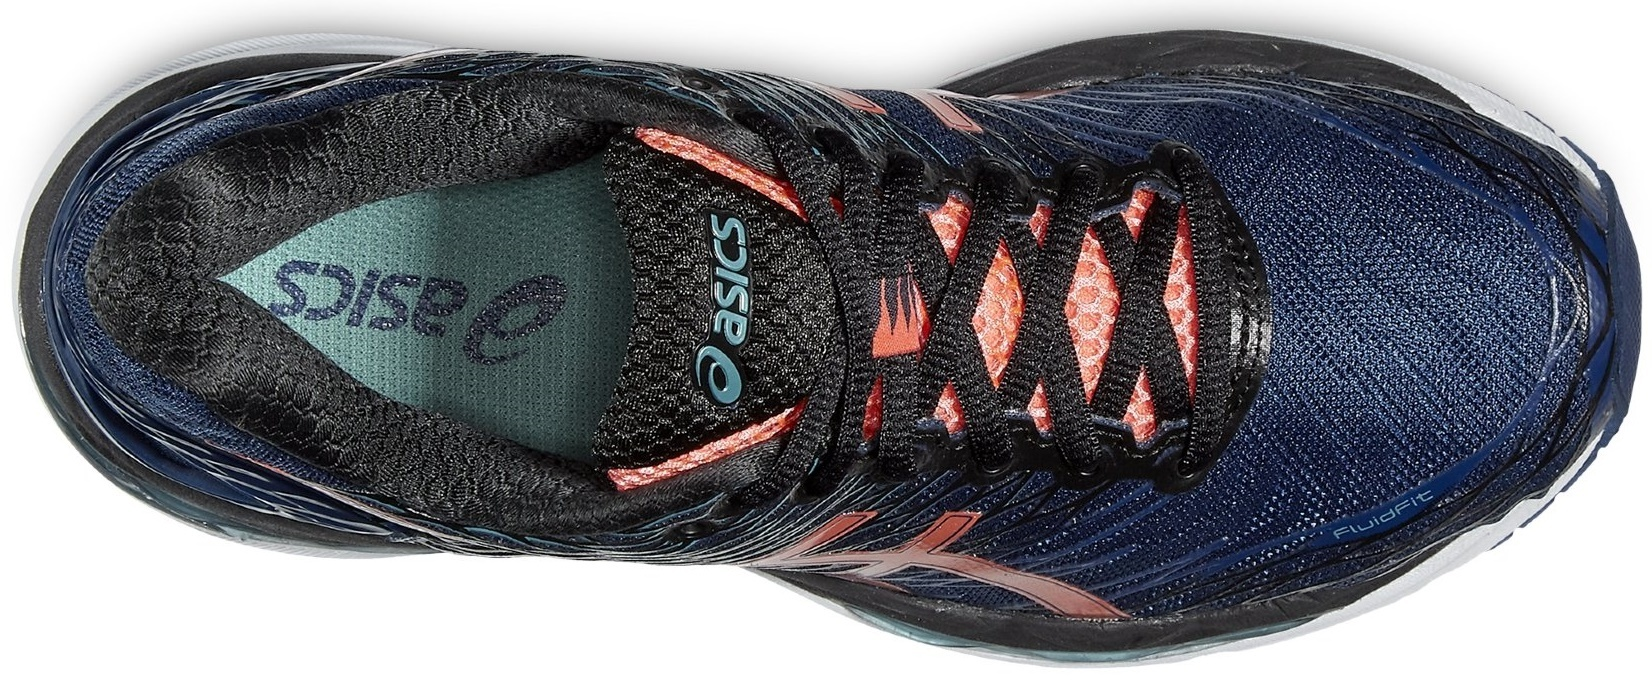 Самые мягкие беговые кроссовки Асикс для женщин